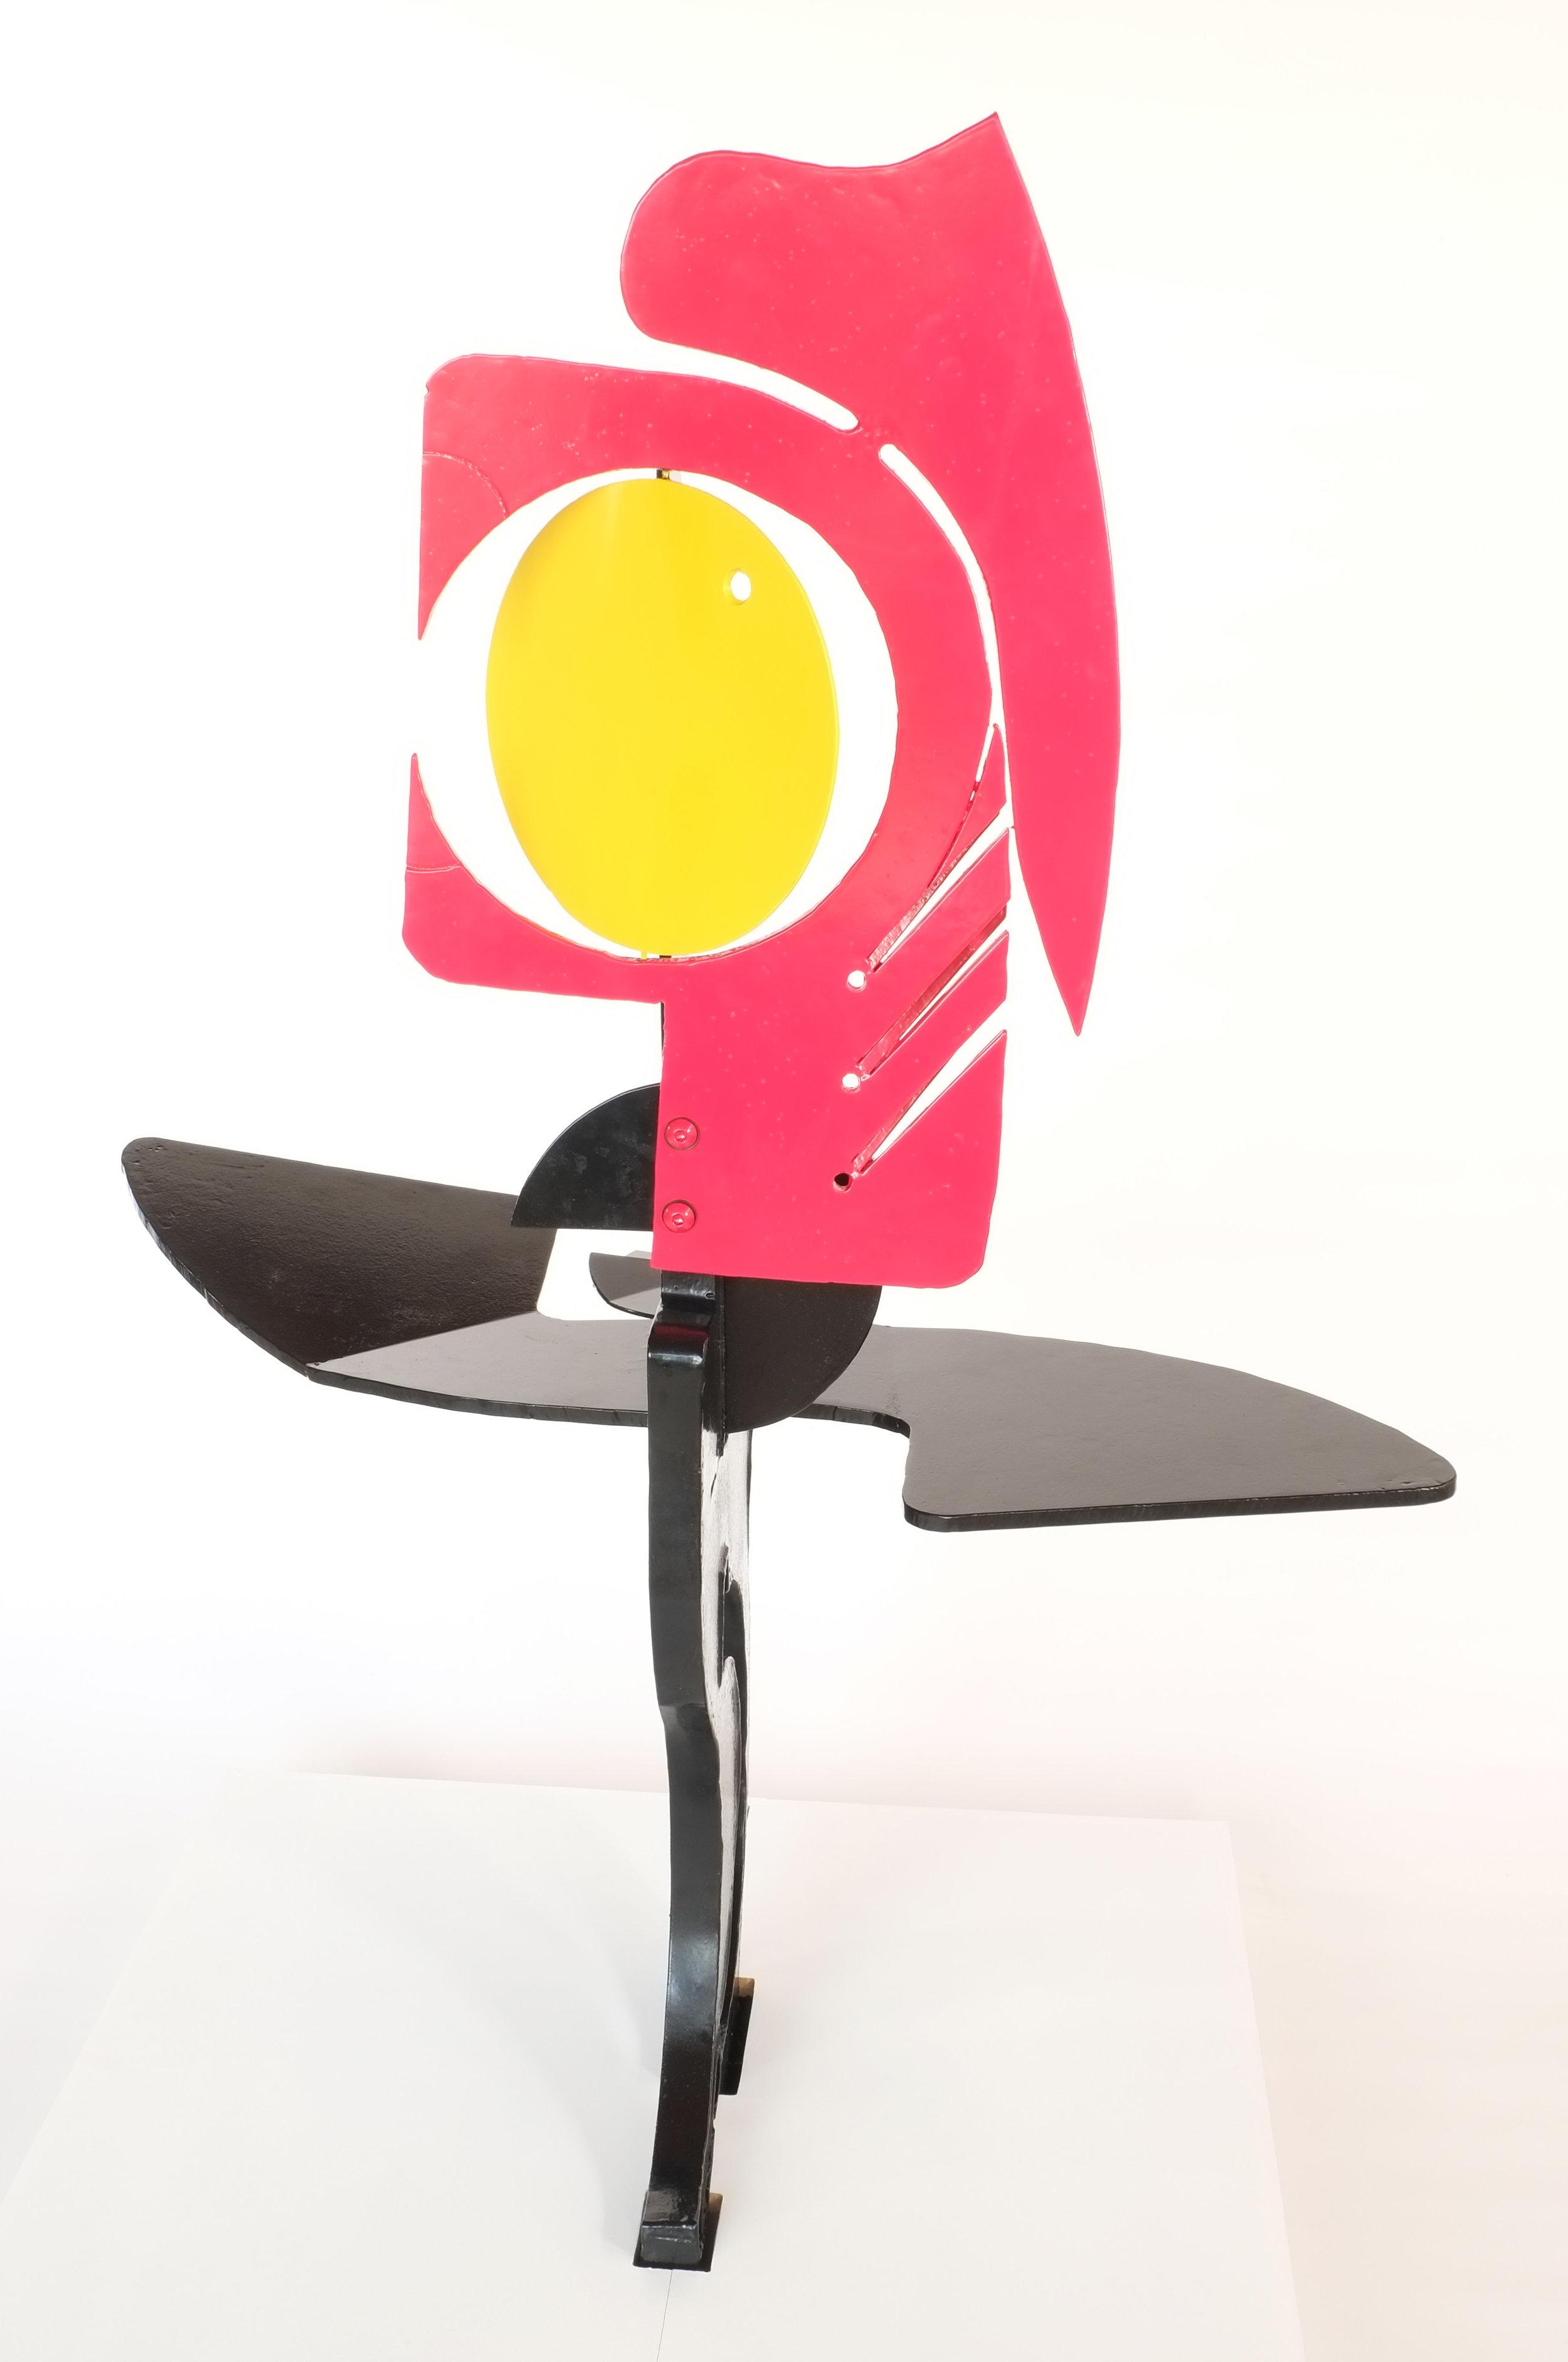 Cockerel   £1450  H: 130cm, W: 87, D: 51  Suitable for outdoors